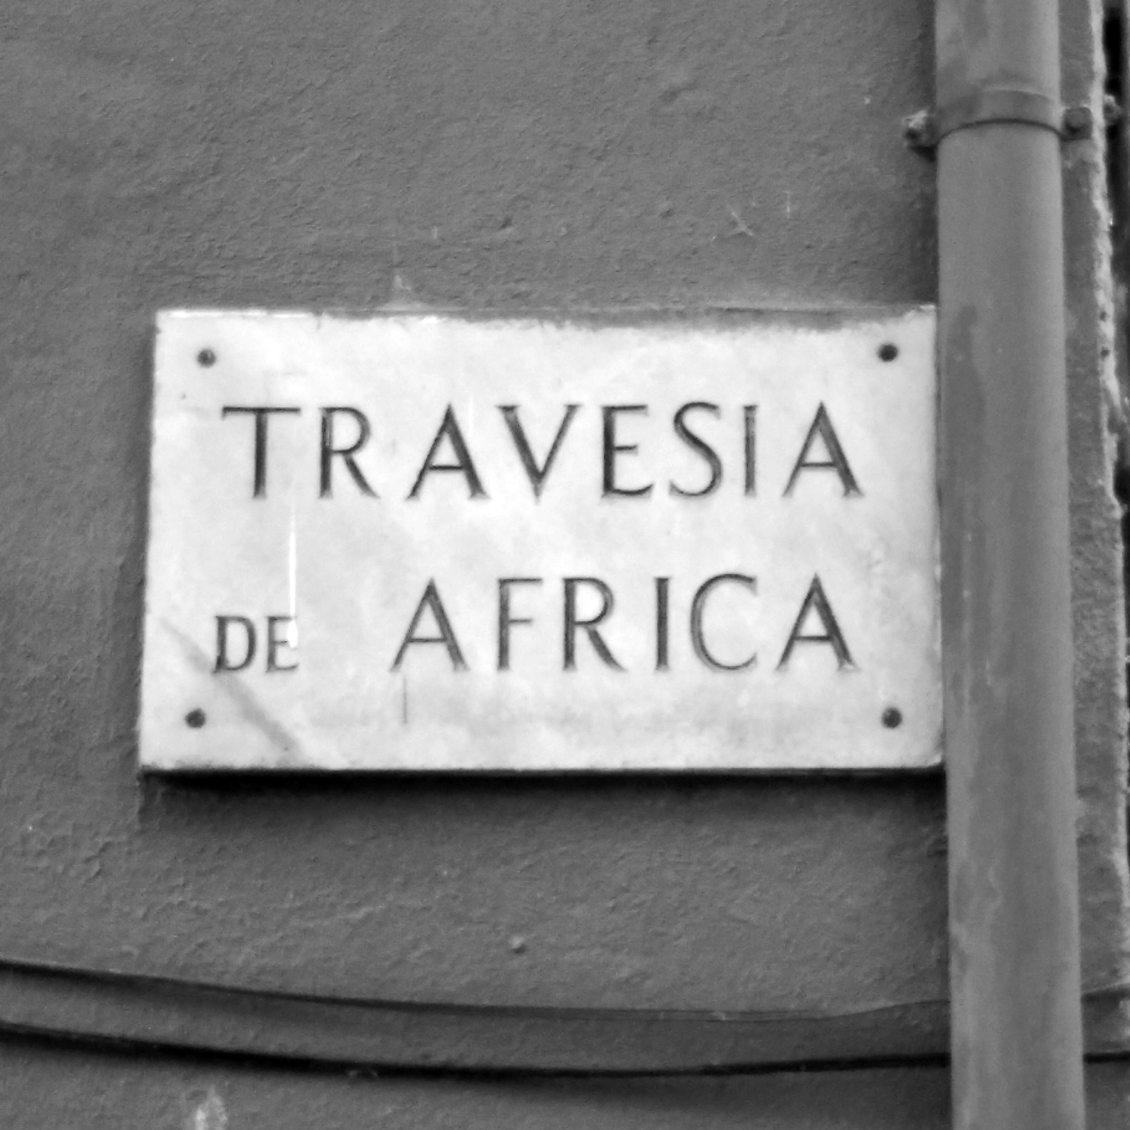 calles_2016-07-14-12.28.25